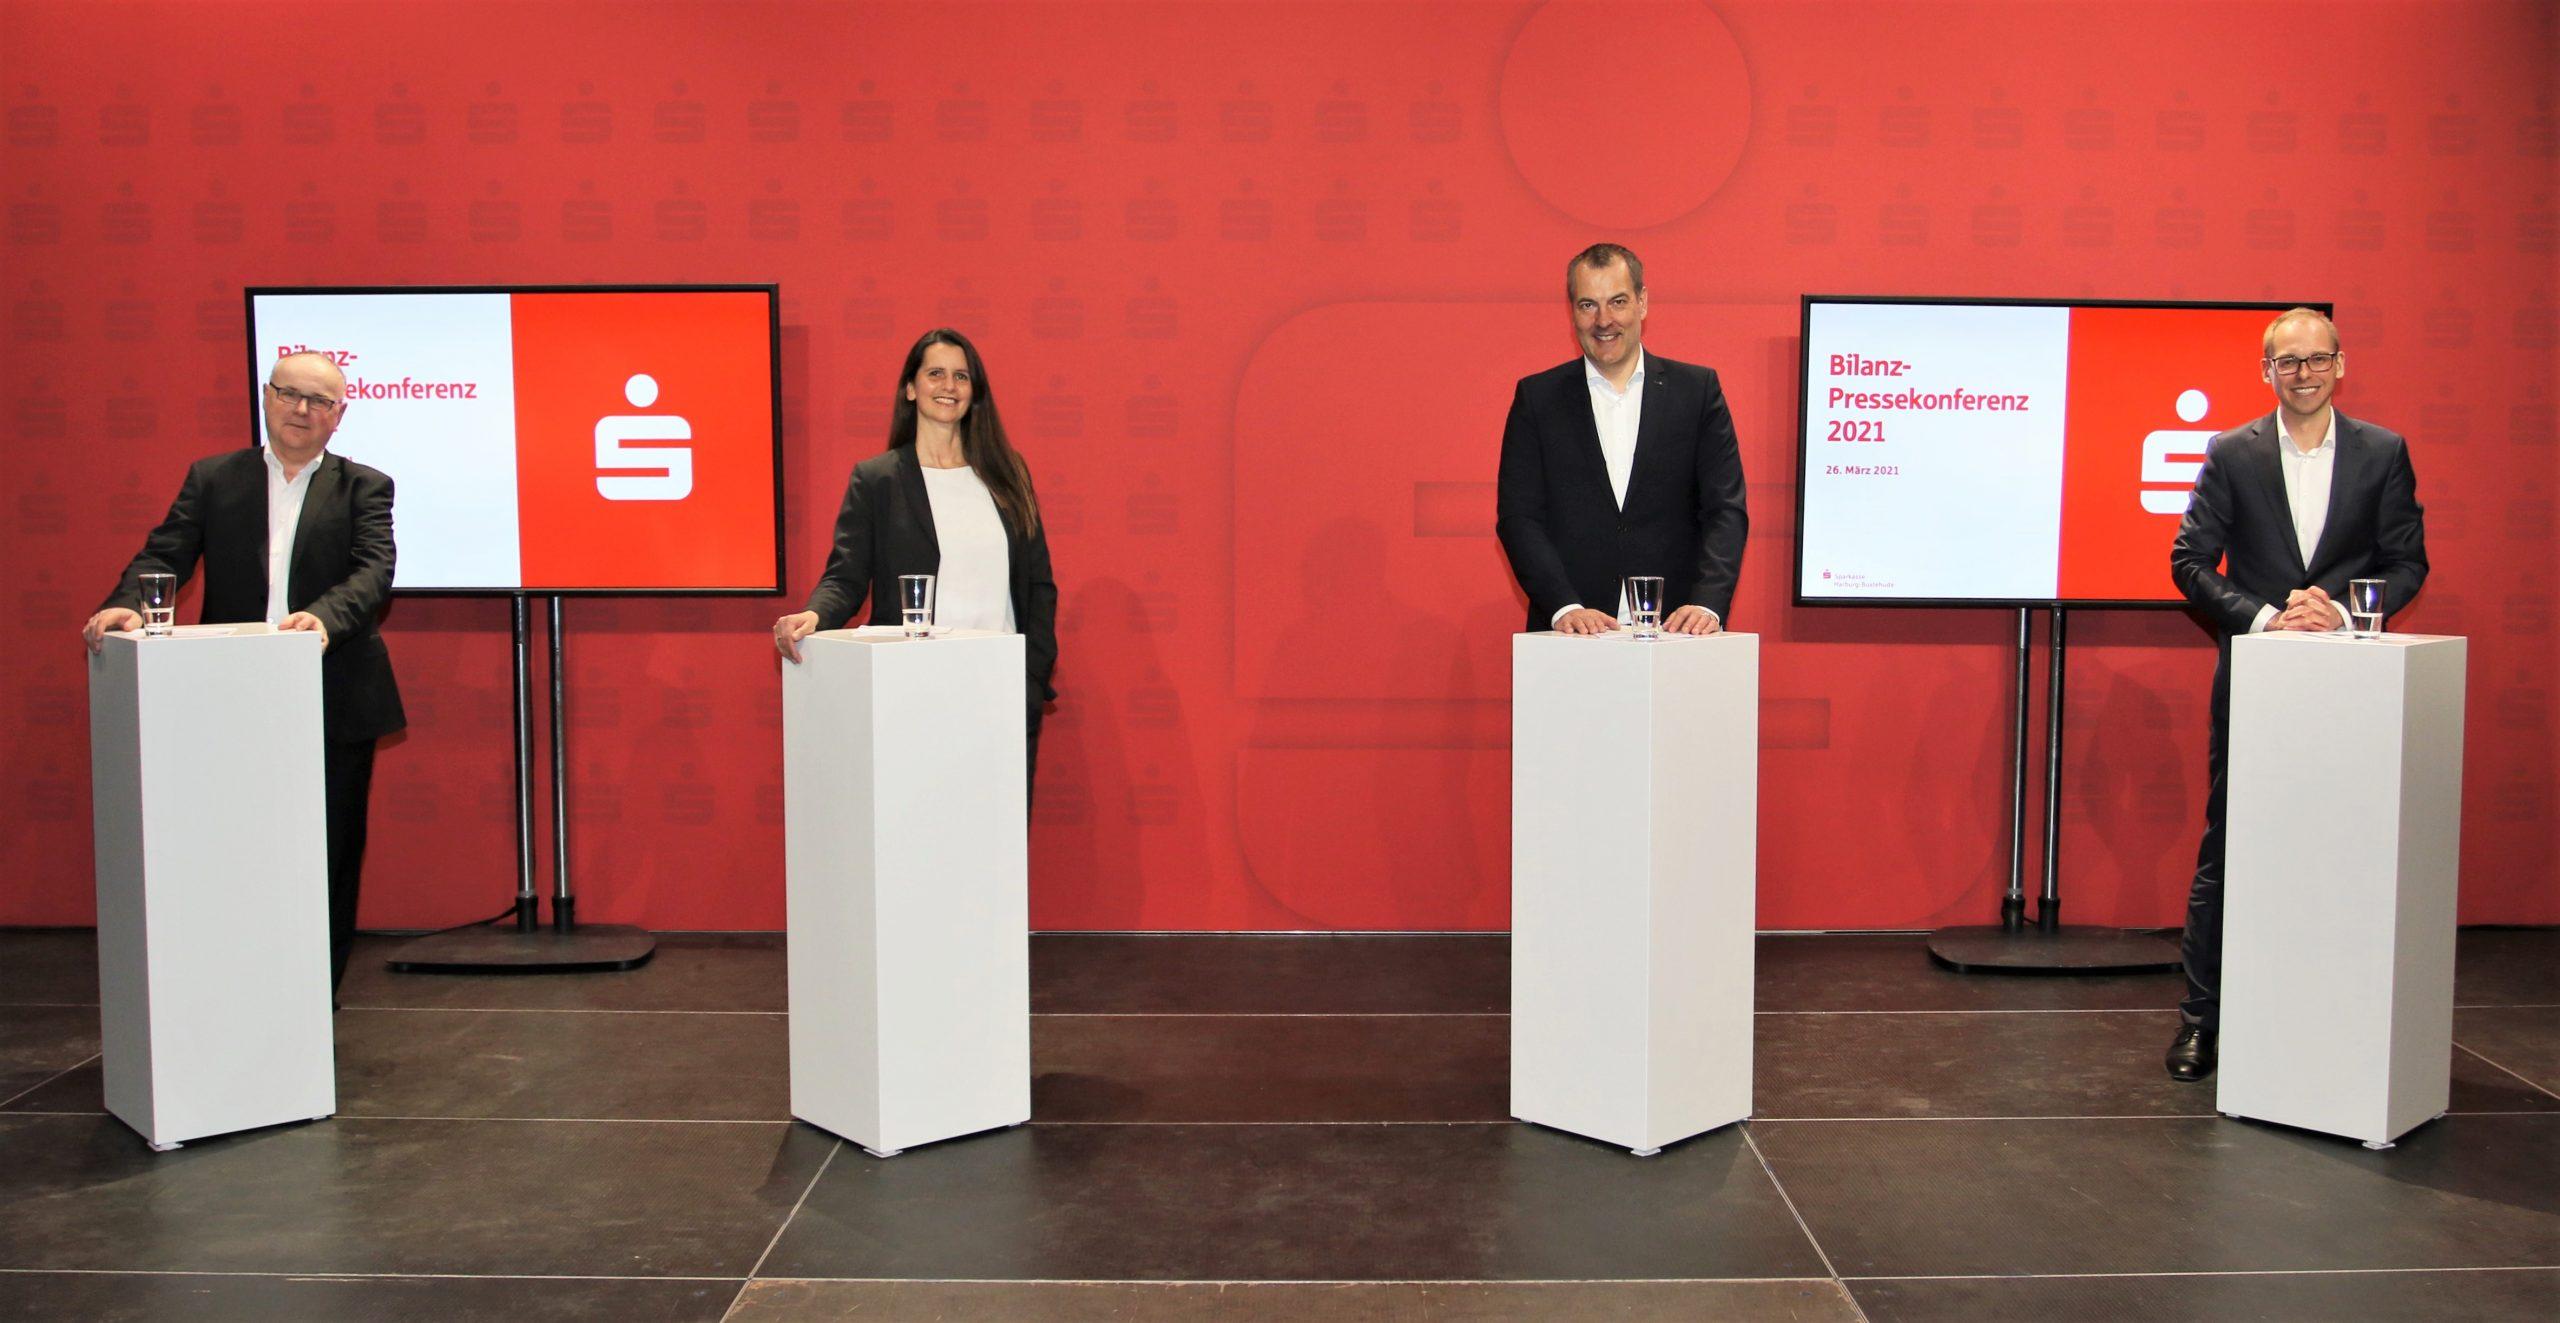 ein -Der Sparkassenvorstand mit Bodo Ihlenburg (v.li.) Sonja Hausmann Vorstandsvorsitzendem Andreas Sommer und Holger Iborg blickt trotz Corona auf ein solides Geschäftsjahr 2020 zurück